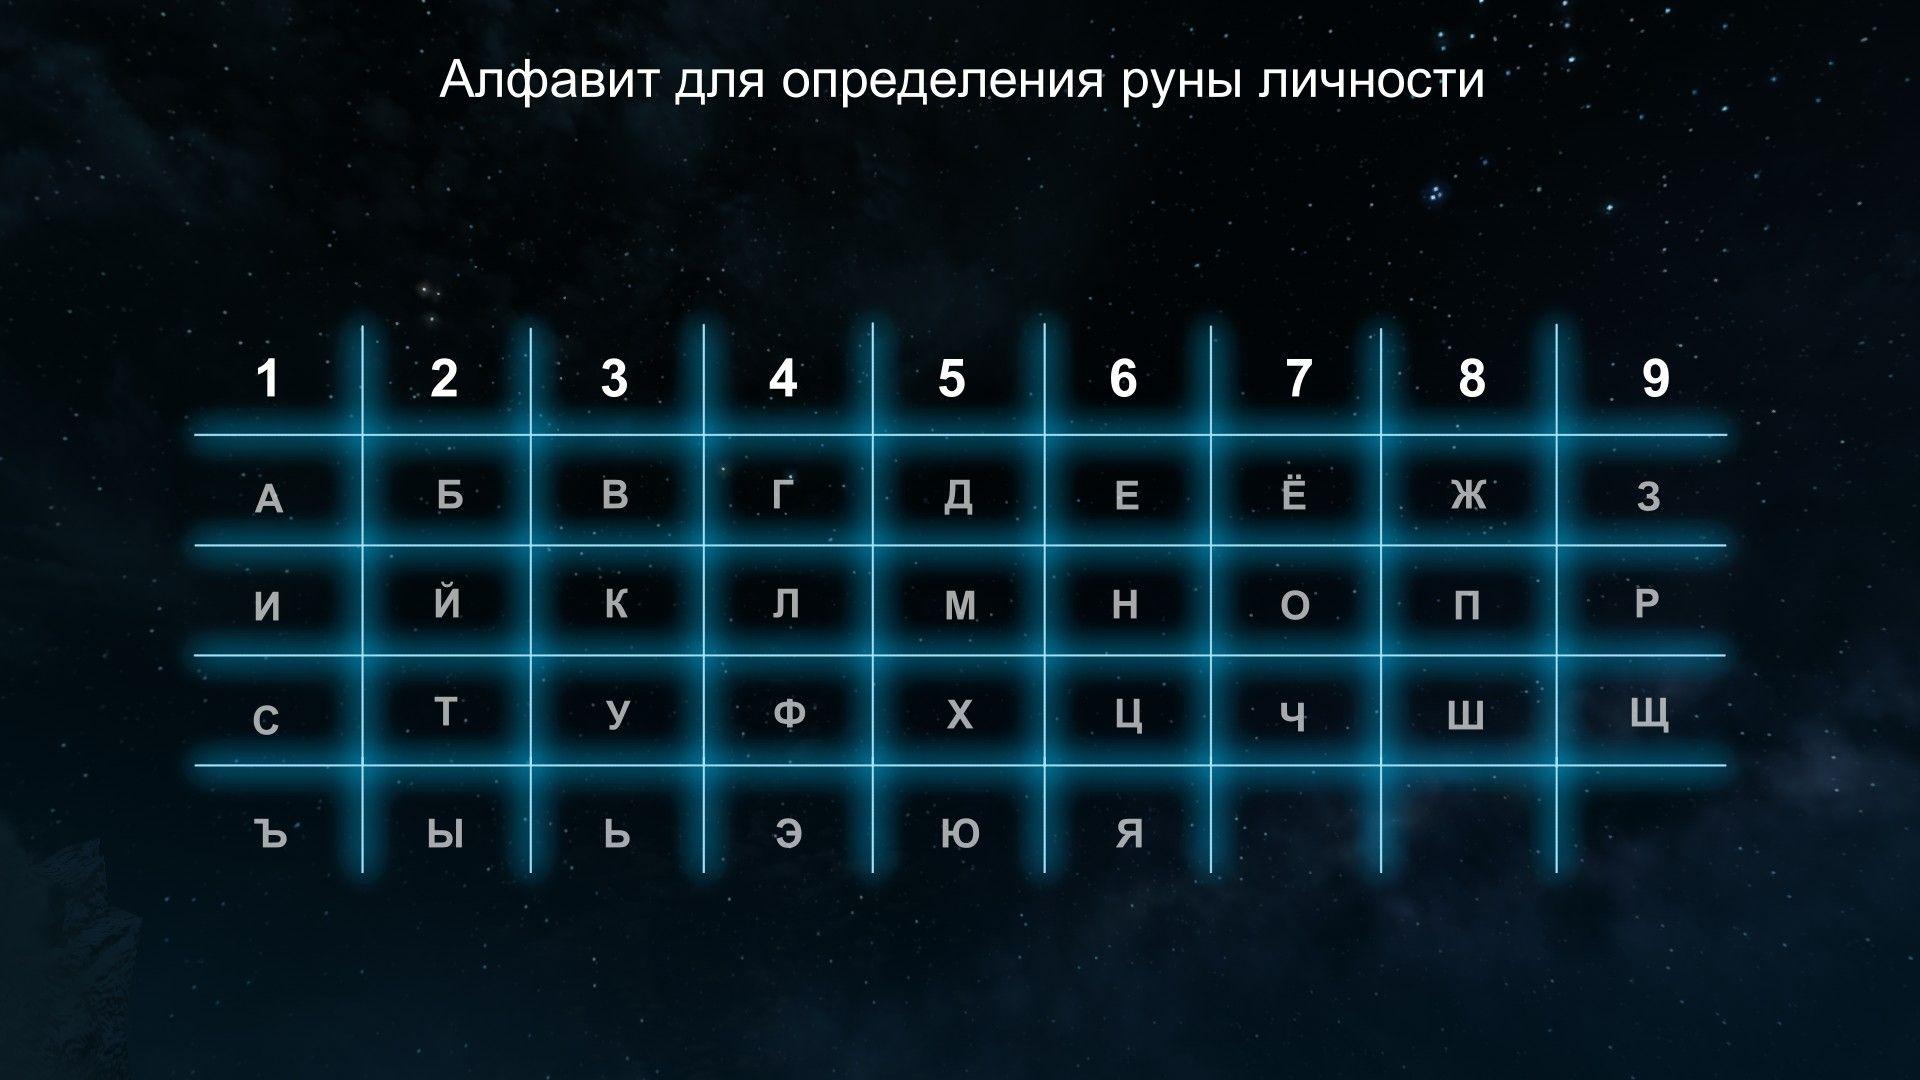 Алфавит для определения руны личности